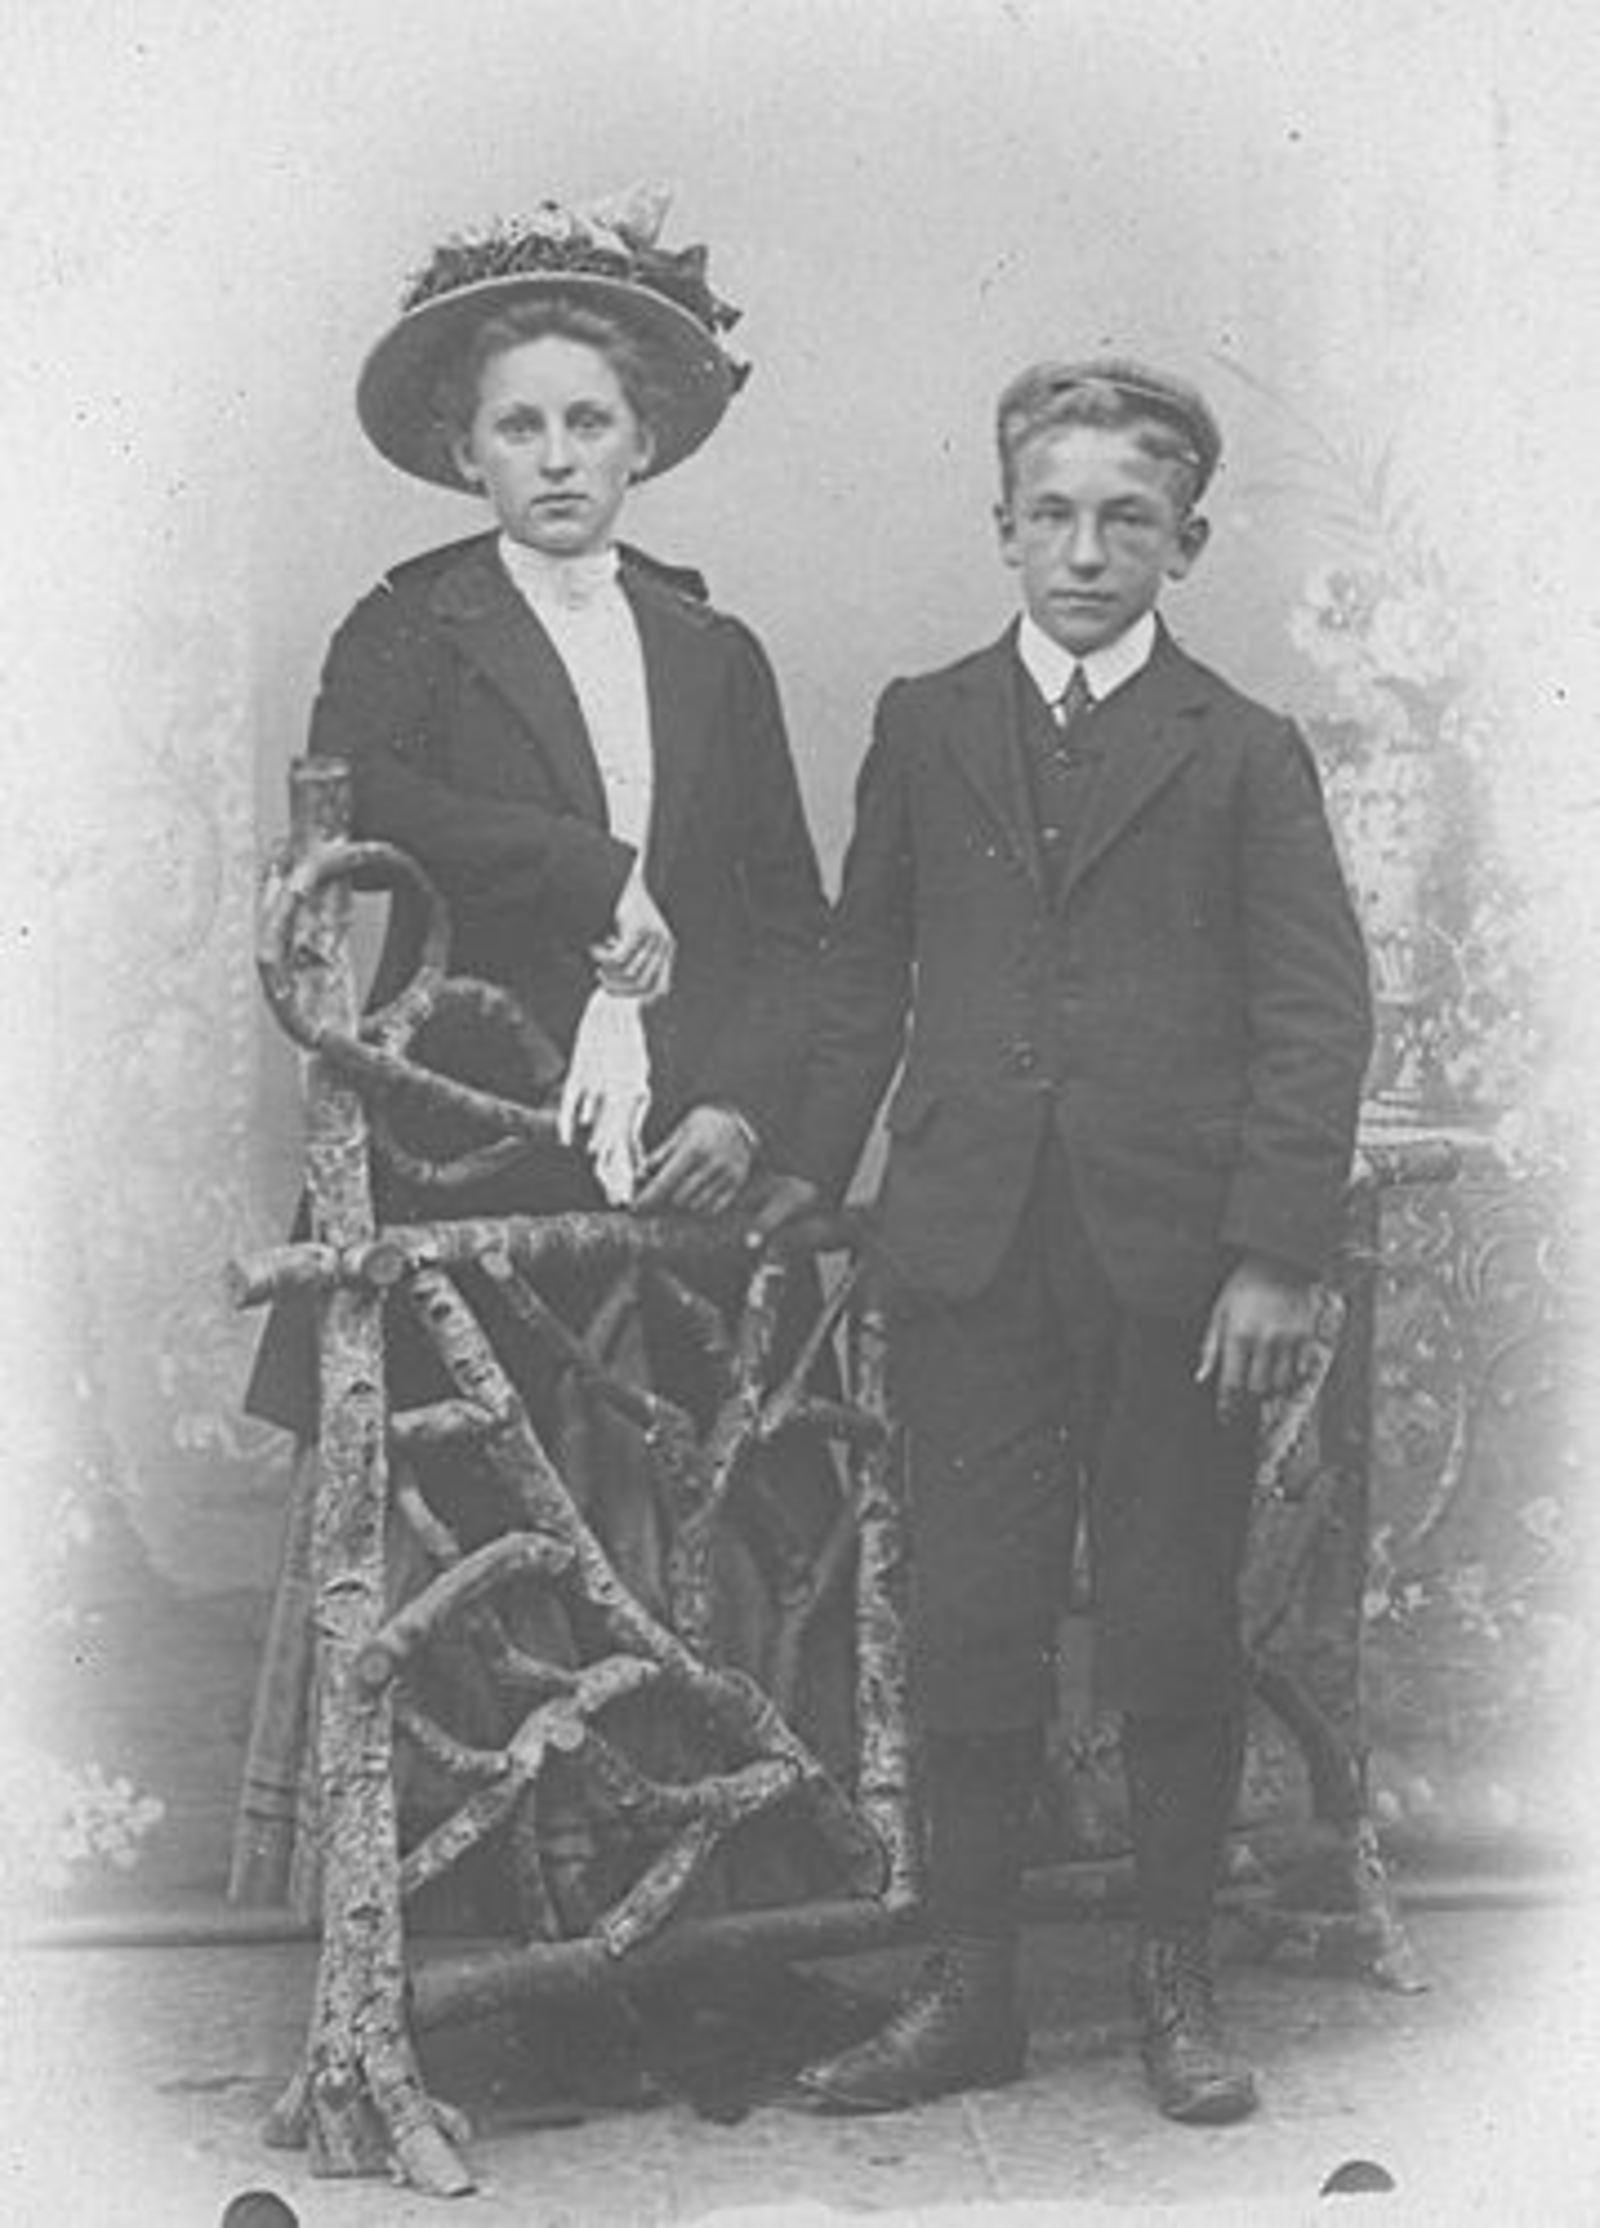 Biesheuvel Anna Bdr 1855 dochter Daatje Leest bij Fotograaf met broertje Barend